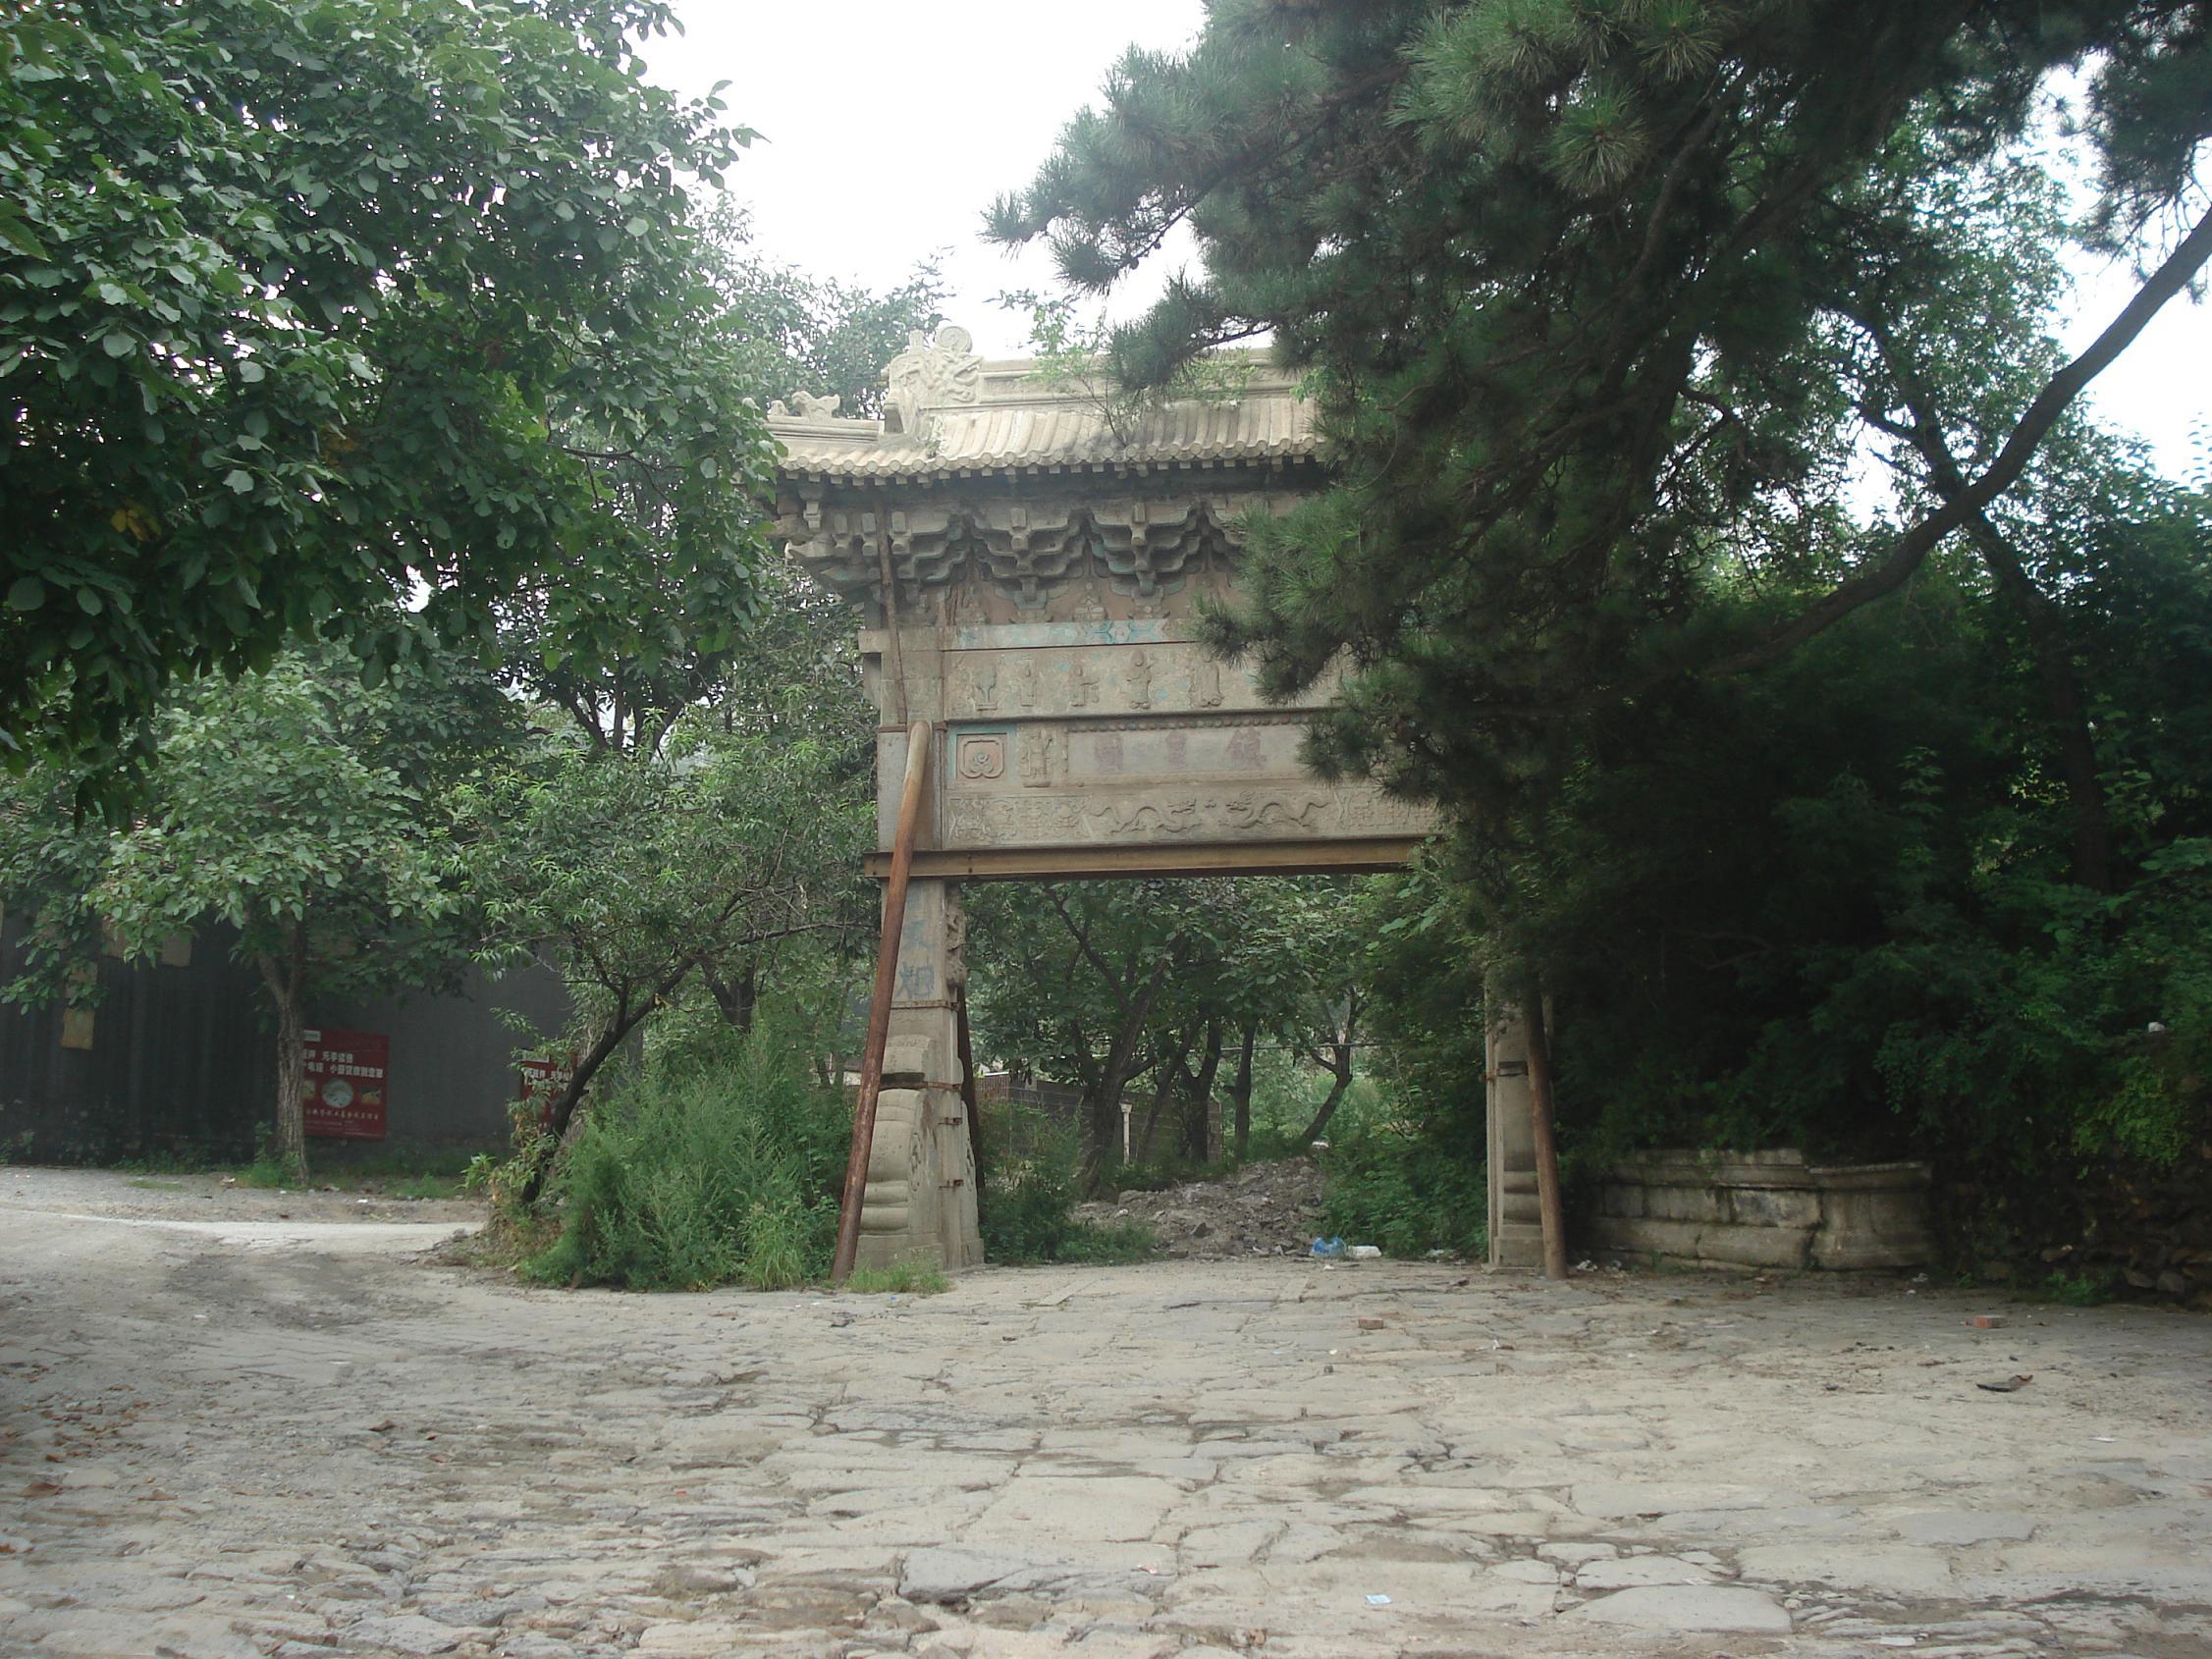 转:戒台寺石牌坊坐西朝东,与戒台寺遥相呼应,据说是北京现存最古老的牌楼了。 石牌坊采用汉白玉石料錾雕的仿木结构建筑,两柱单间一层楼,庑殿顶,其彩绘可与十三陵石牌坊的彩绘相媲美。其背面匾额为祗园真境,落款有两行小字大明万历二十七年岁次己亥季春吉日立,说明它创建于明万历27年(1599年)。正面匾额为永镇皇图,落款有几行小字大清光绪壬辰年秋季九月吉日弟子长白文麟重修说明清光绪18年(1892年)进行过重修。石牌坊两边楼柱有莲座楹联,上联是:星海空澄广映无边诸佛地,下联是:日轮皇鉴大明洪护梵王家。